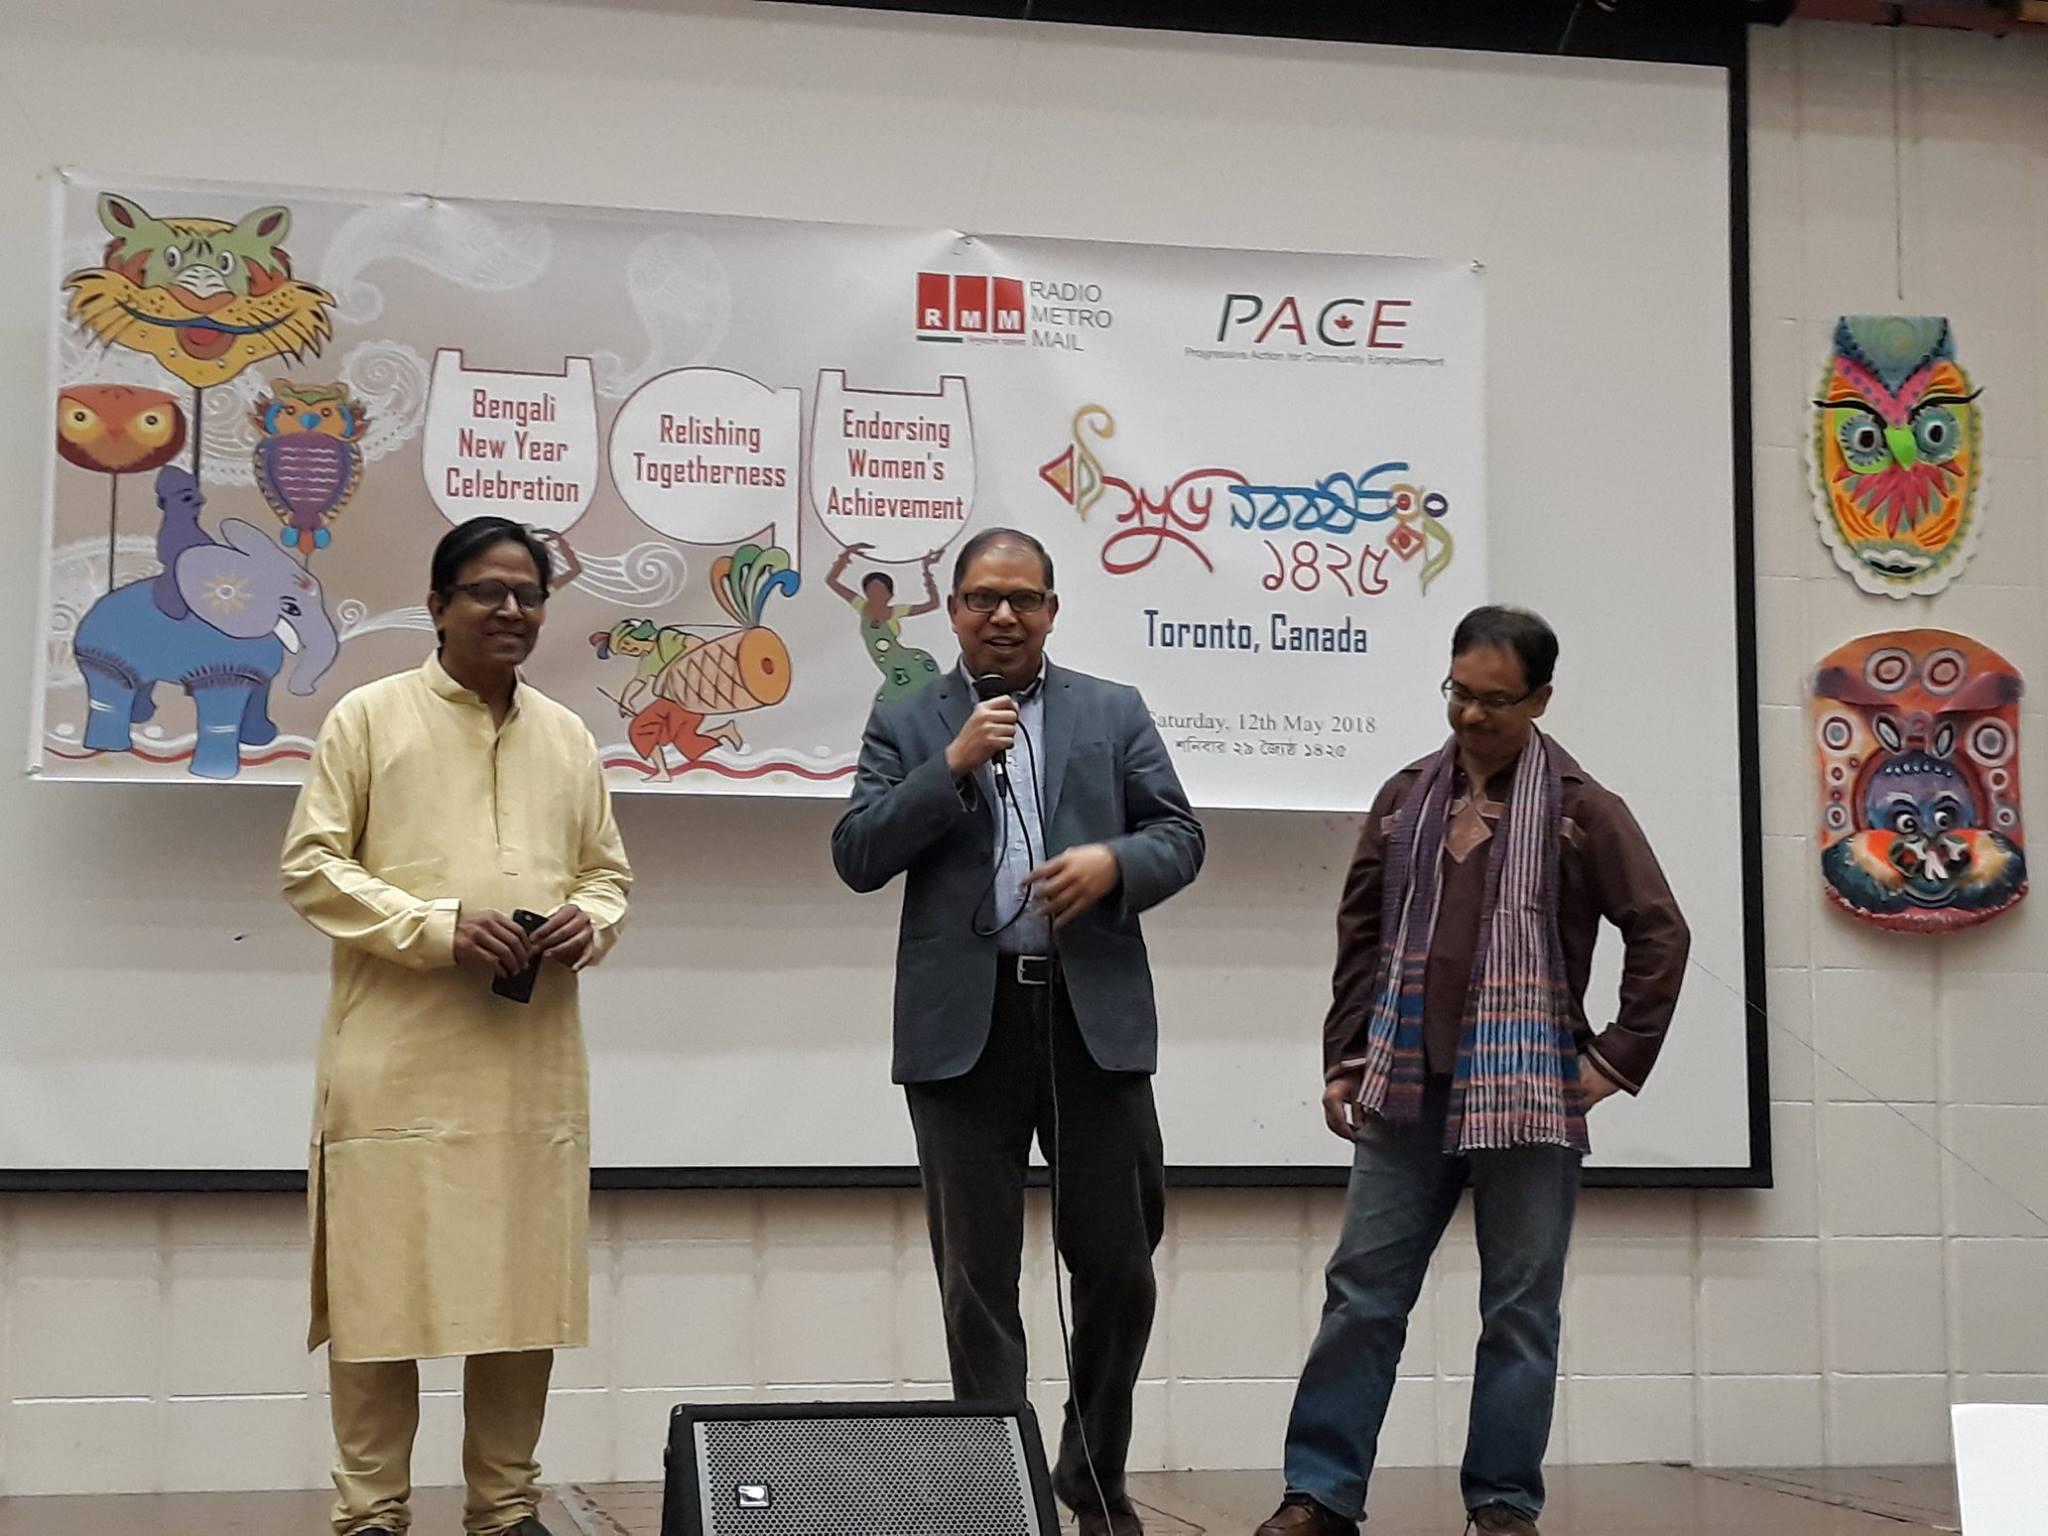 Emamul Haque, Dr. Shafi Bhuiyan & Abu Mohsin